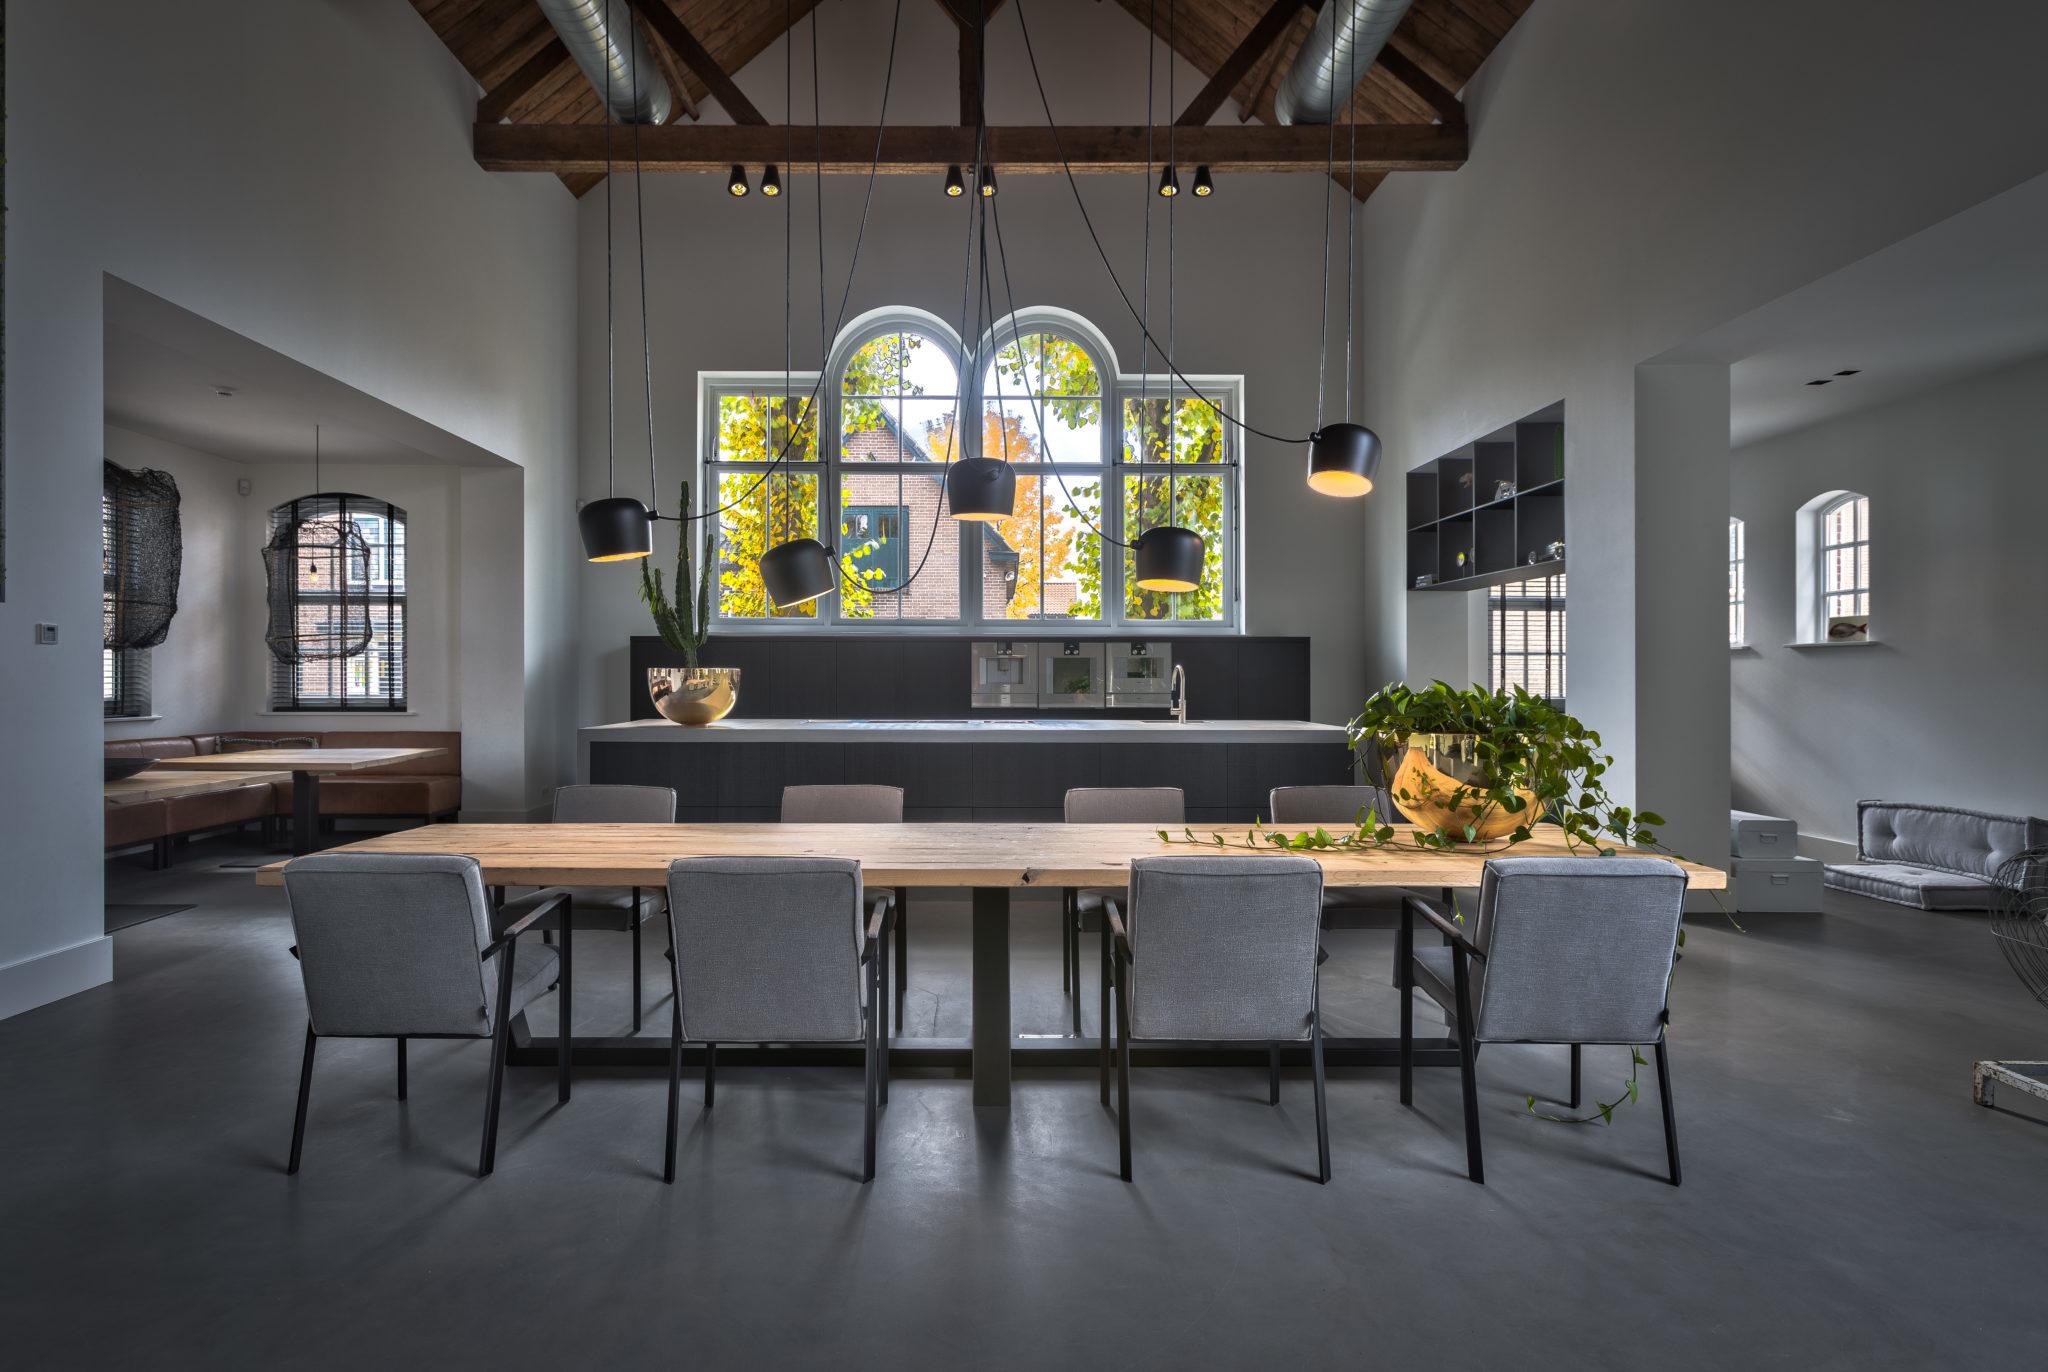 Beste Stoere tafels en meubels op maat - Zwaartafelen OA-84